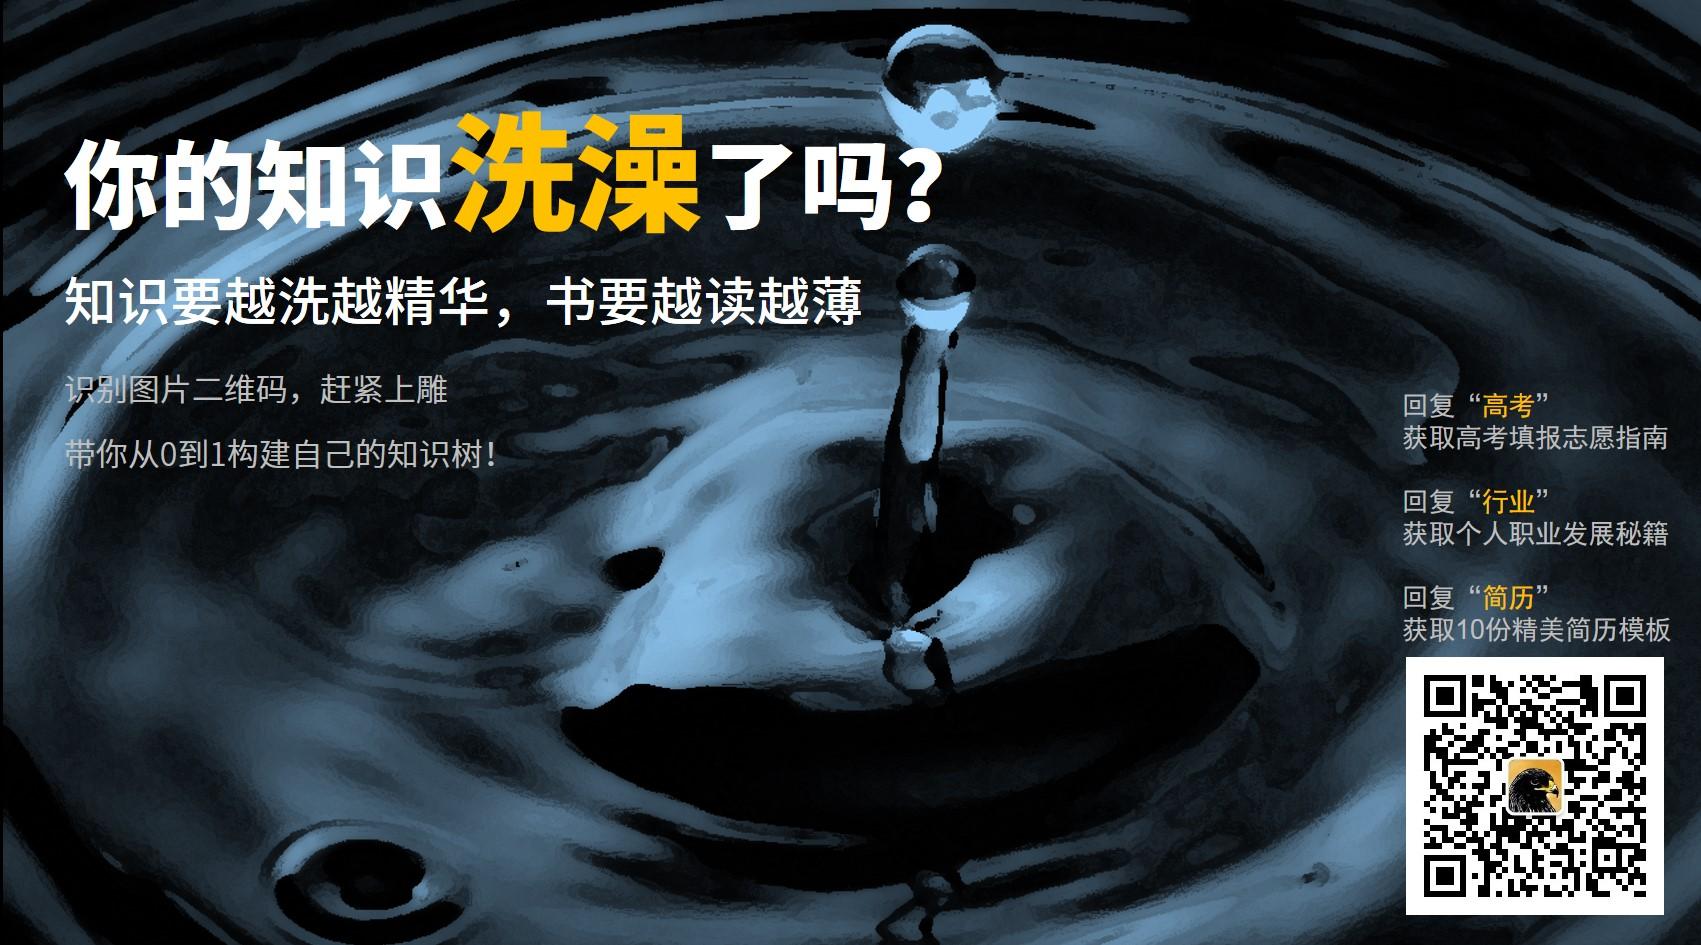 微信号说明海报.jpg